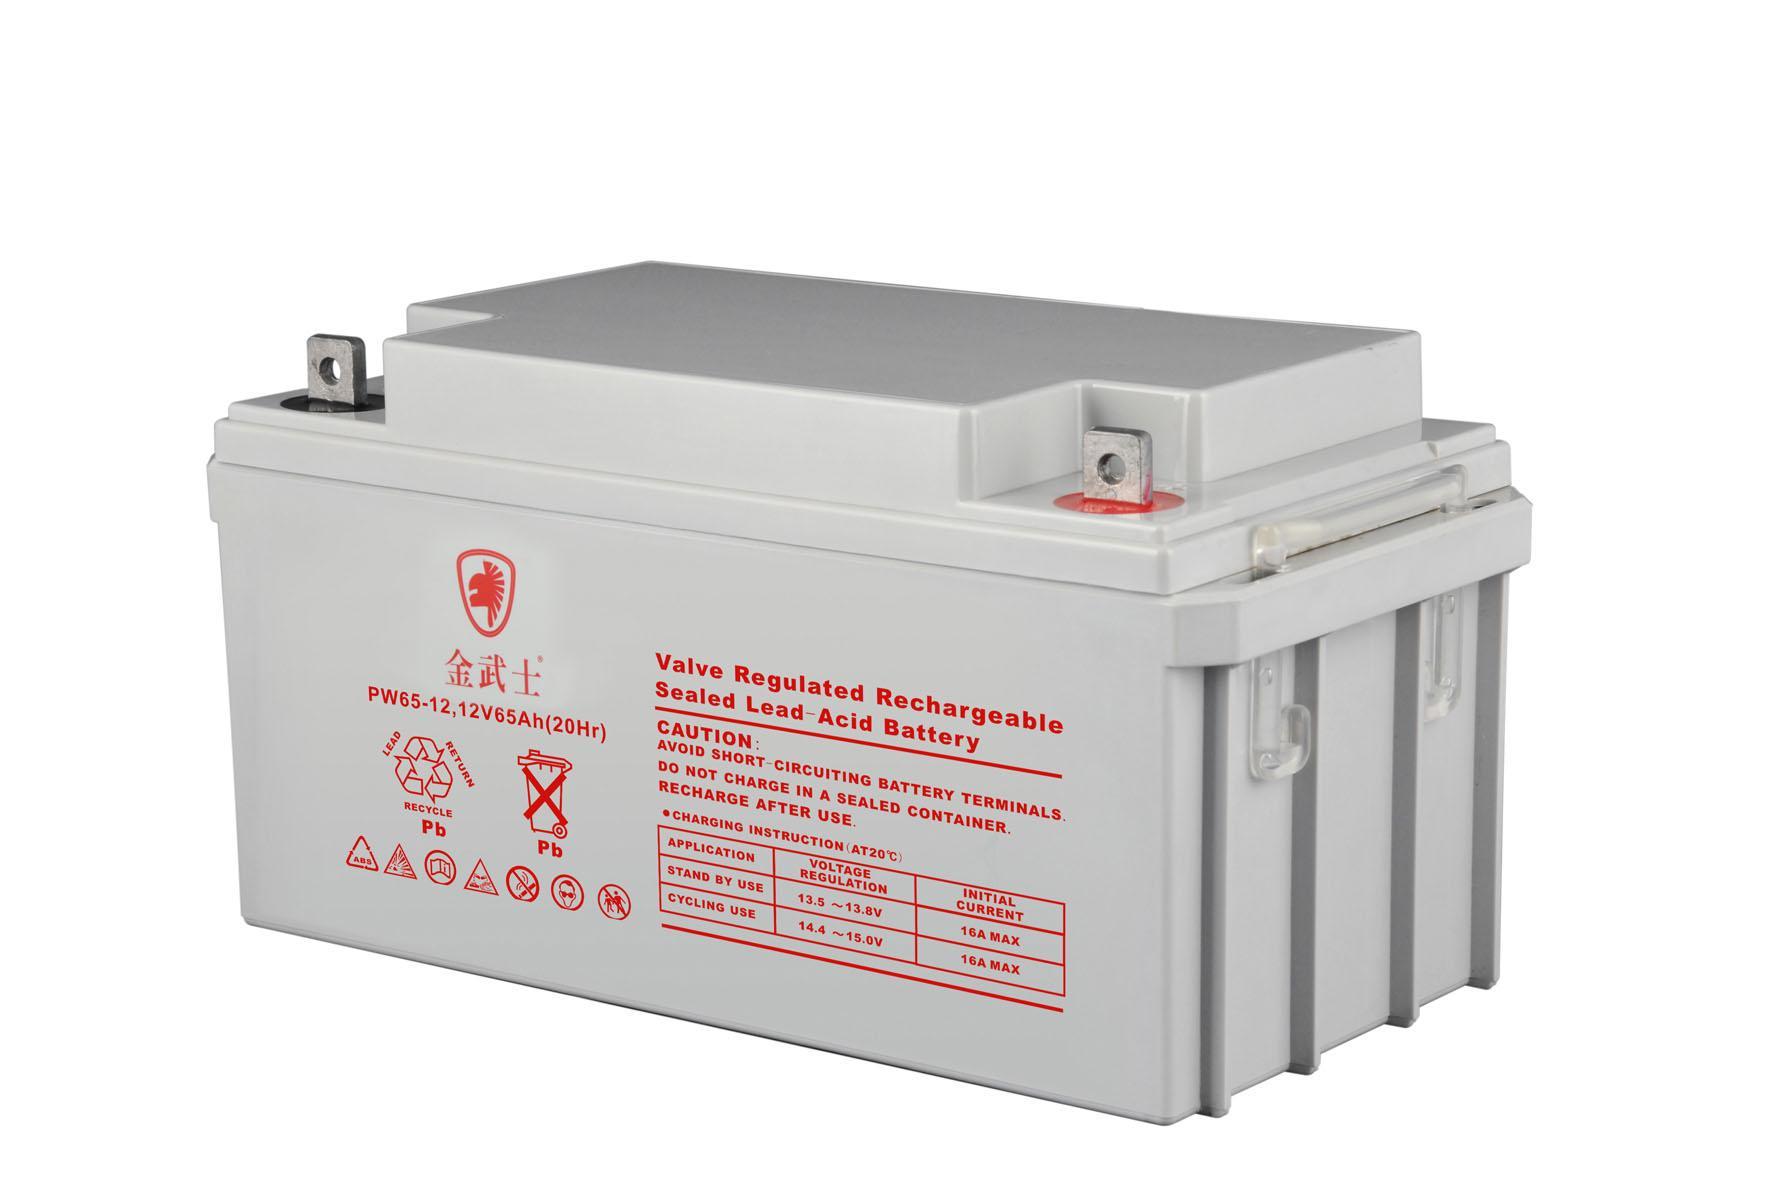 оригинальные золото самурай оригинал UPS необслуживаемые батареи 12v65ah пожарных принимающих запасной аккумулятор